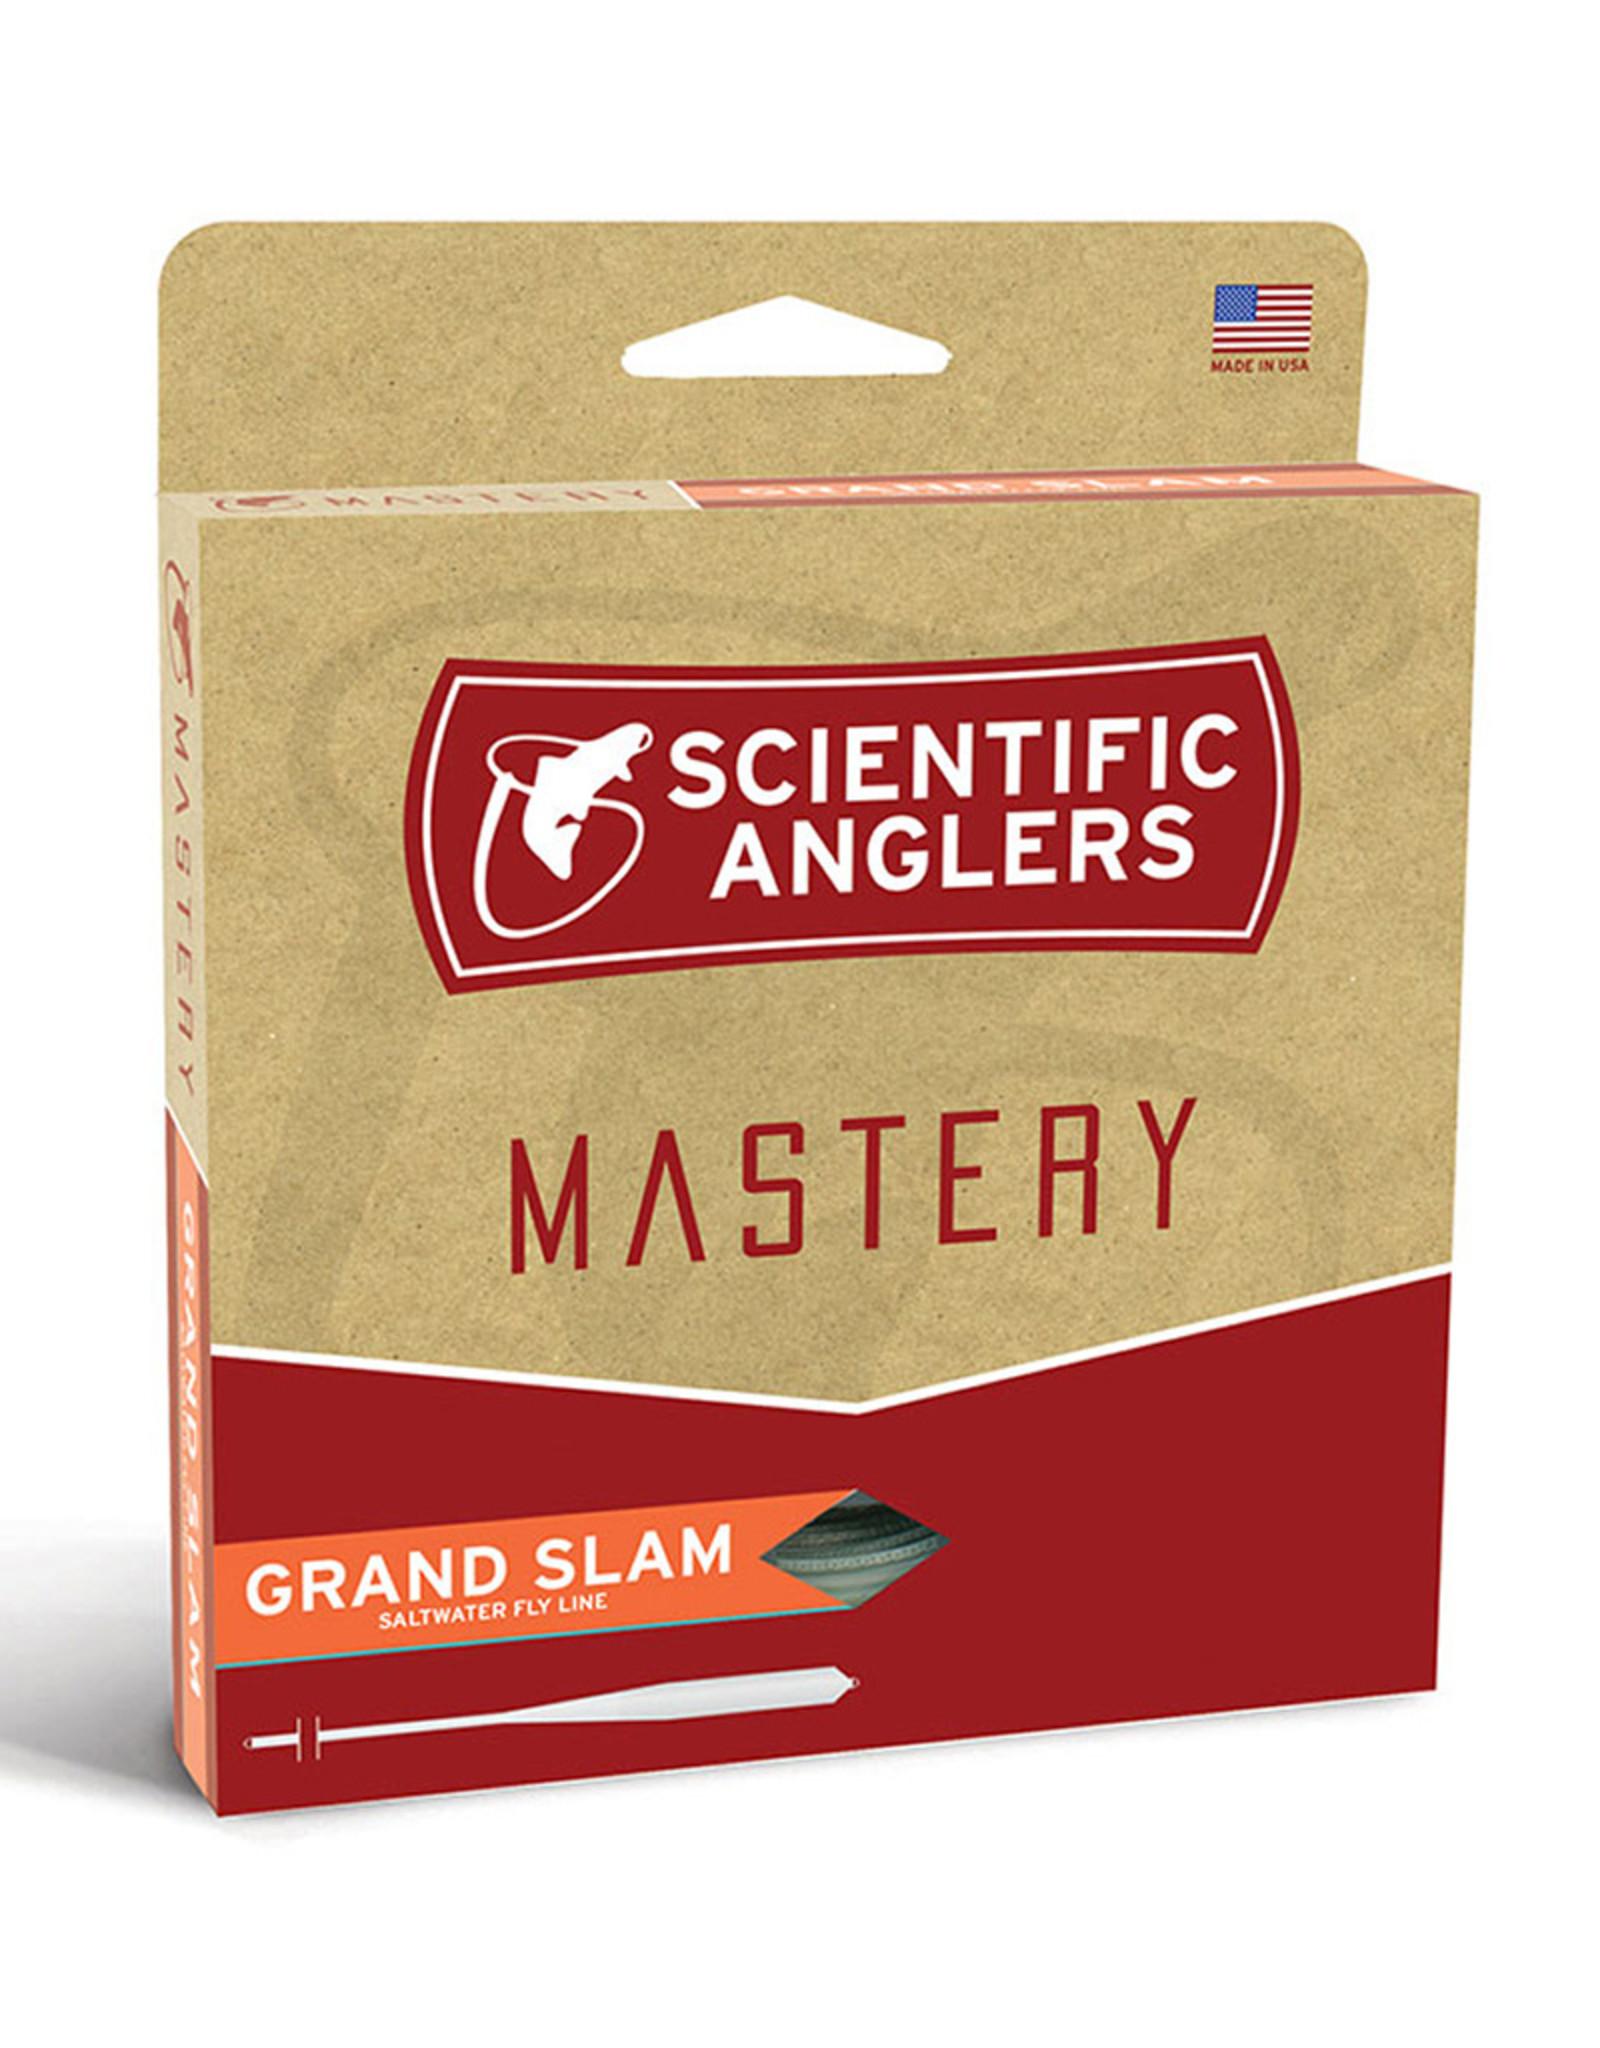 Scientific Anglers Mastery Grand Slam